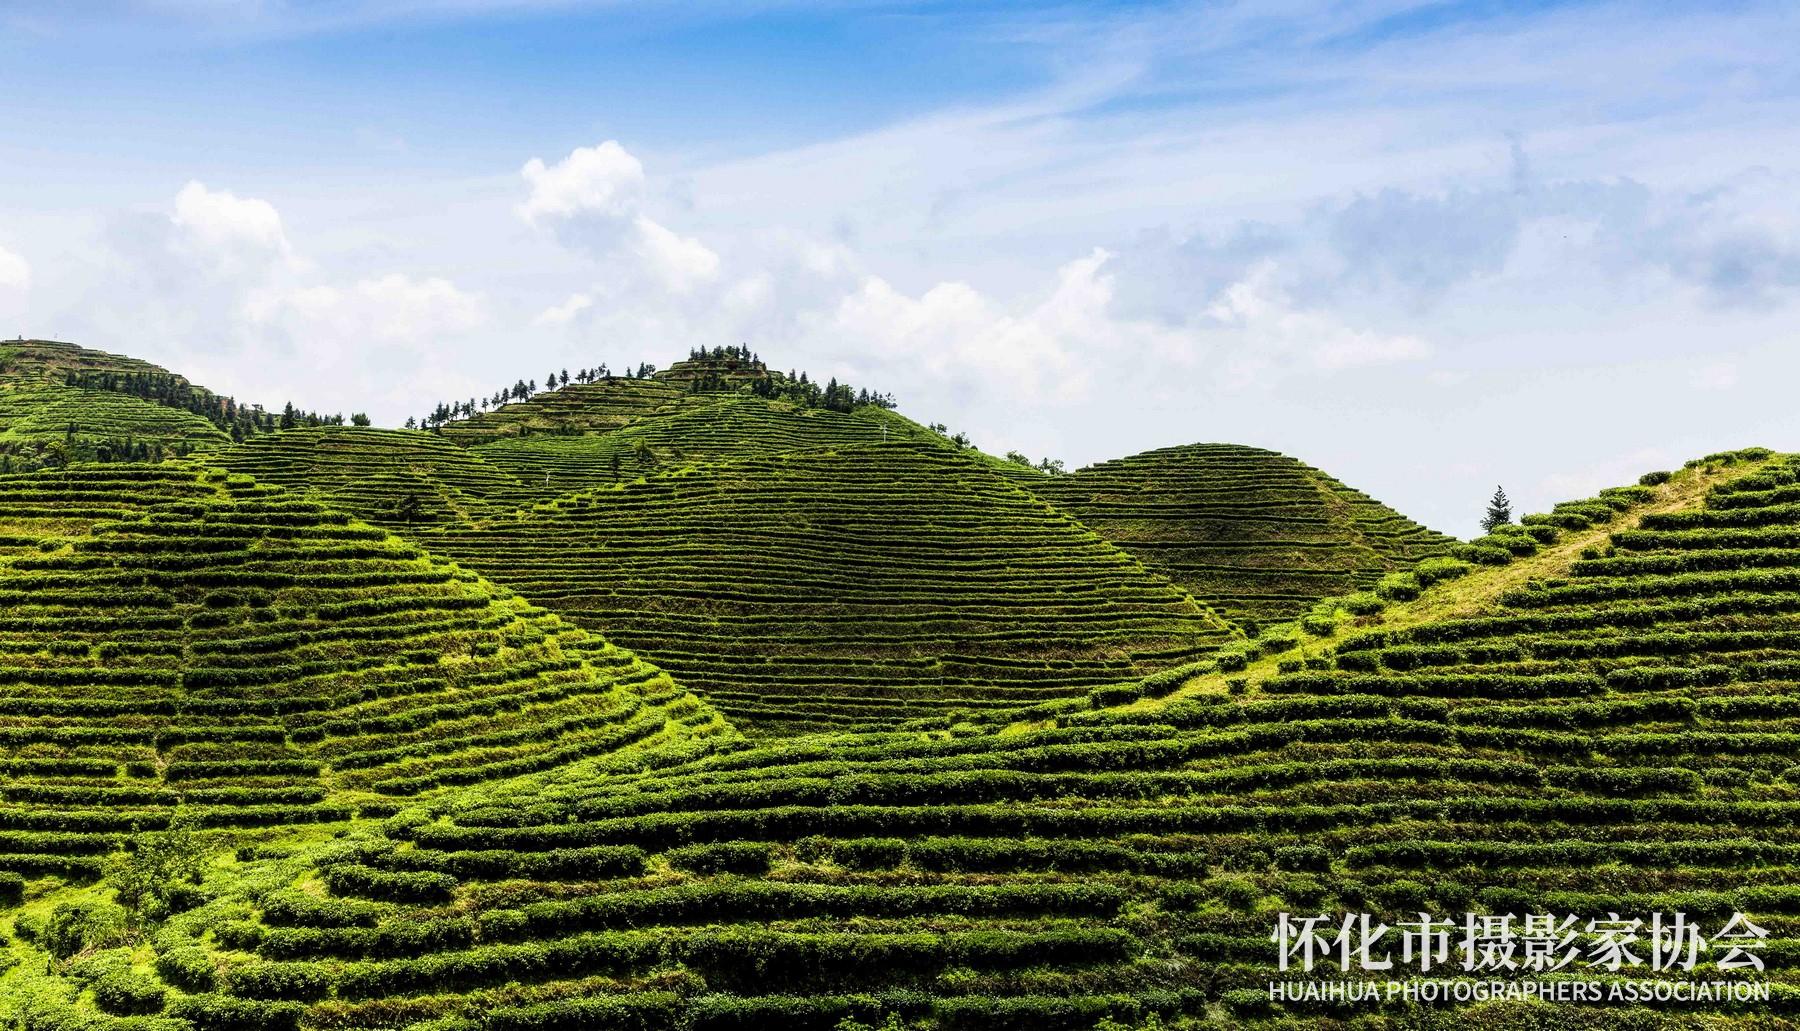 茶山叠翠----杨义高-摄于宝田茶场电话18244860655